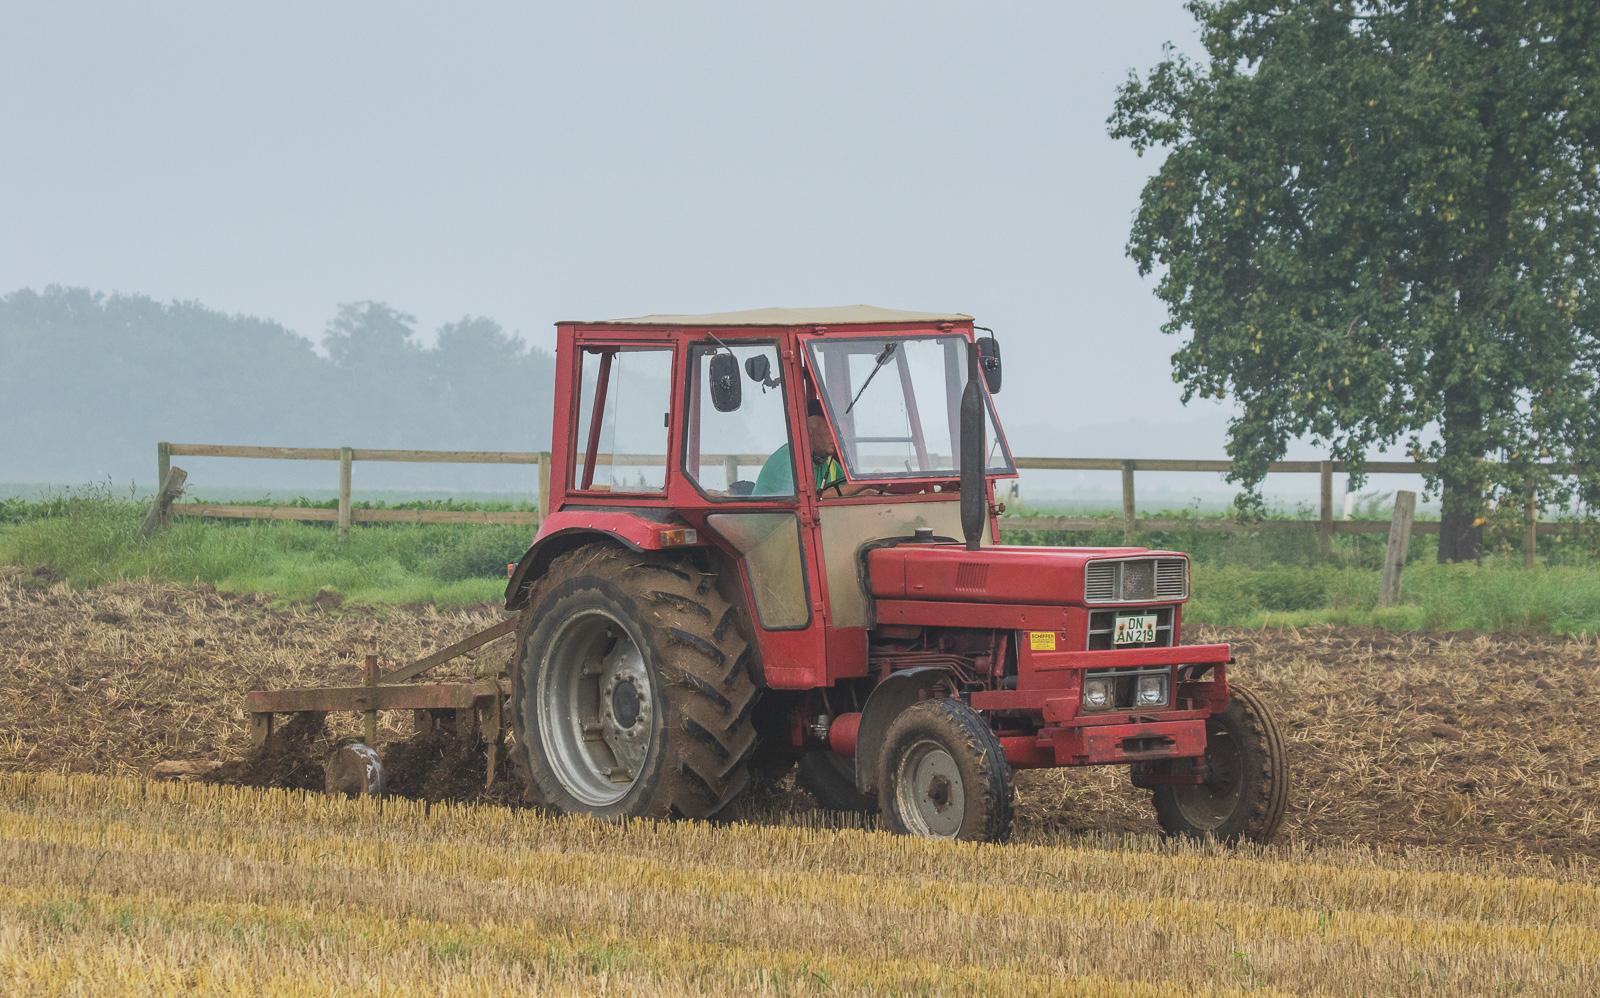 International Harvester plowing.